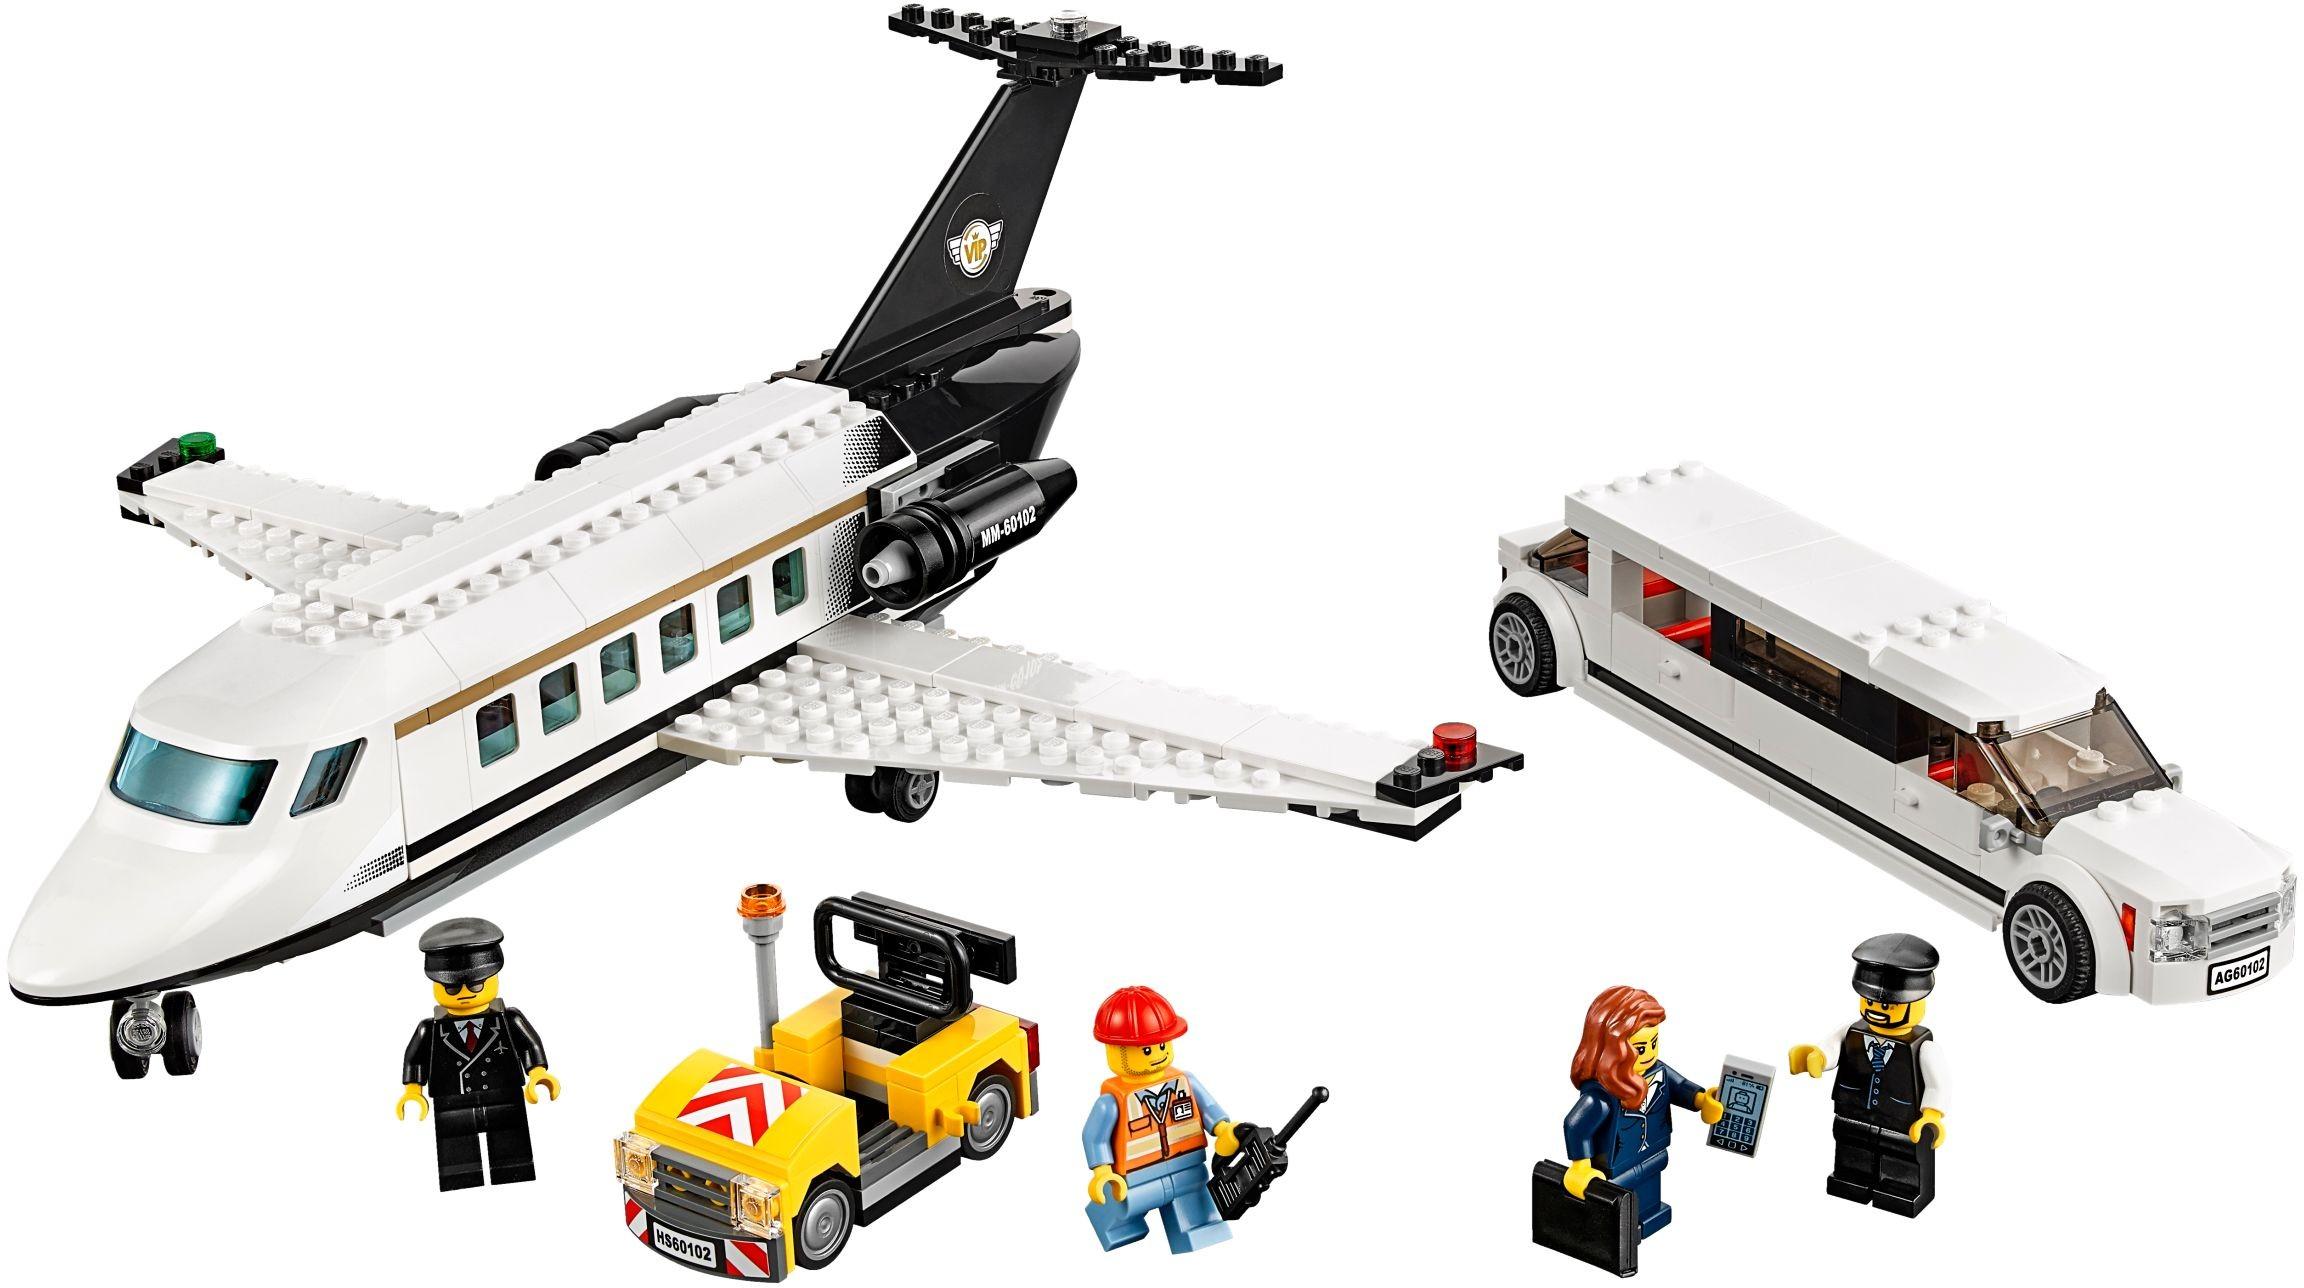 2016 City Brickset Lego Set Guide And Database